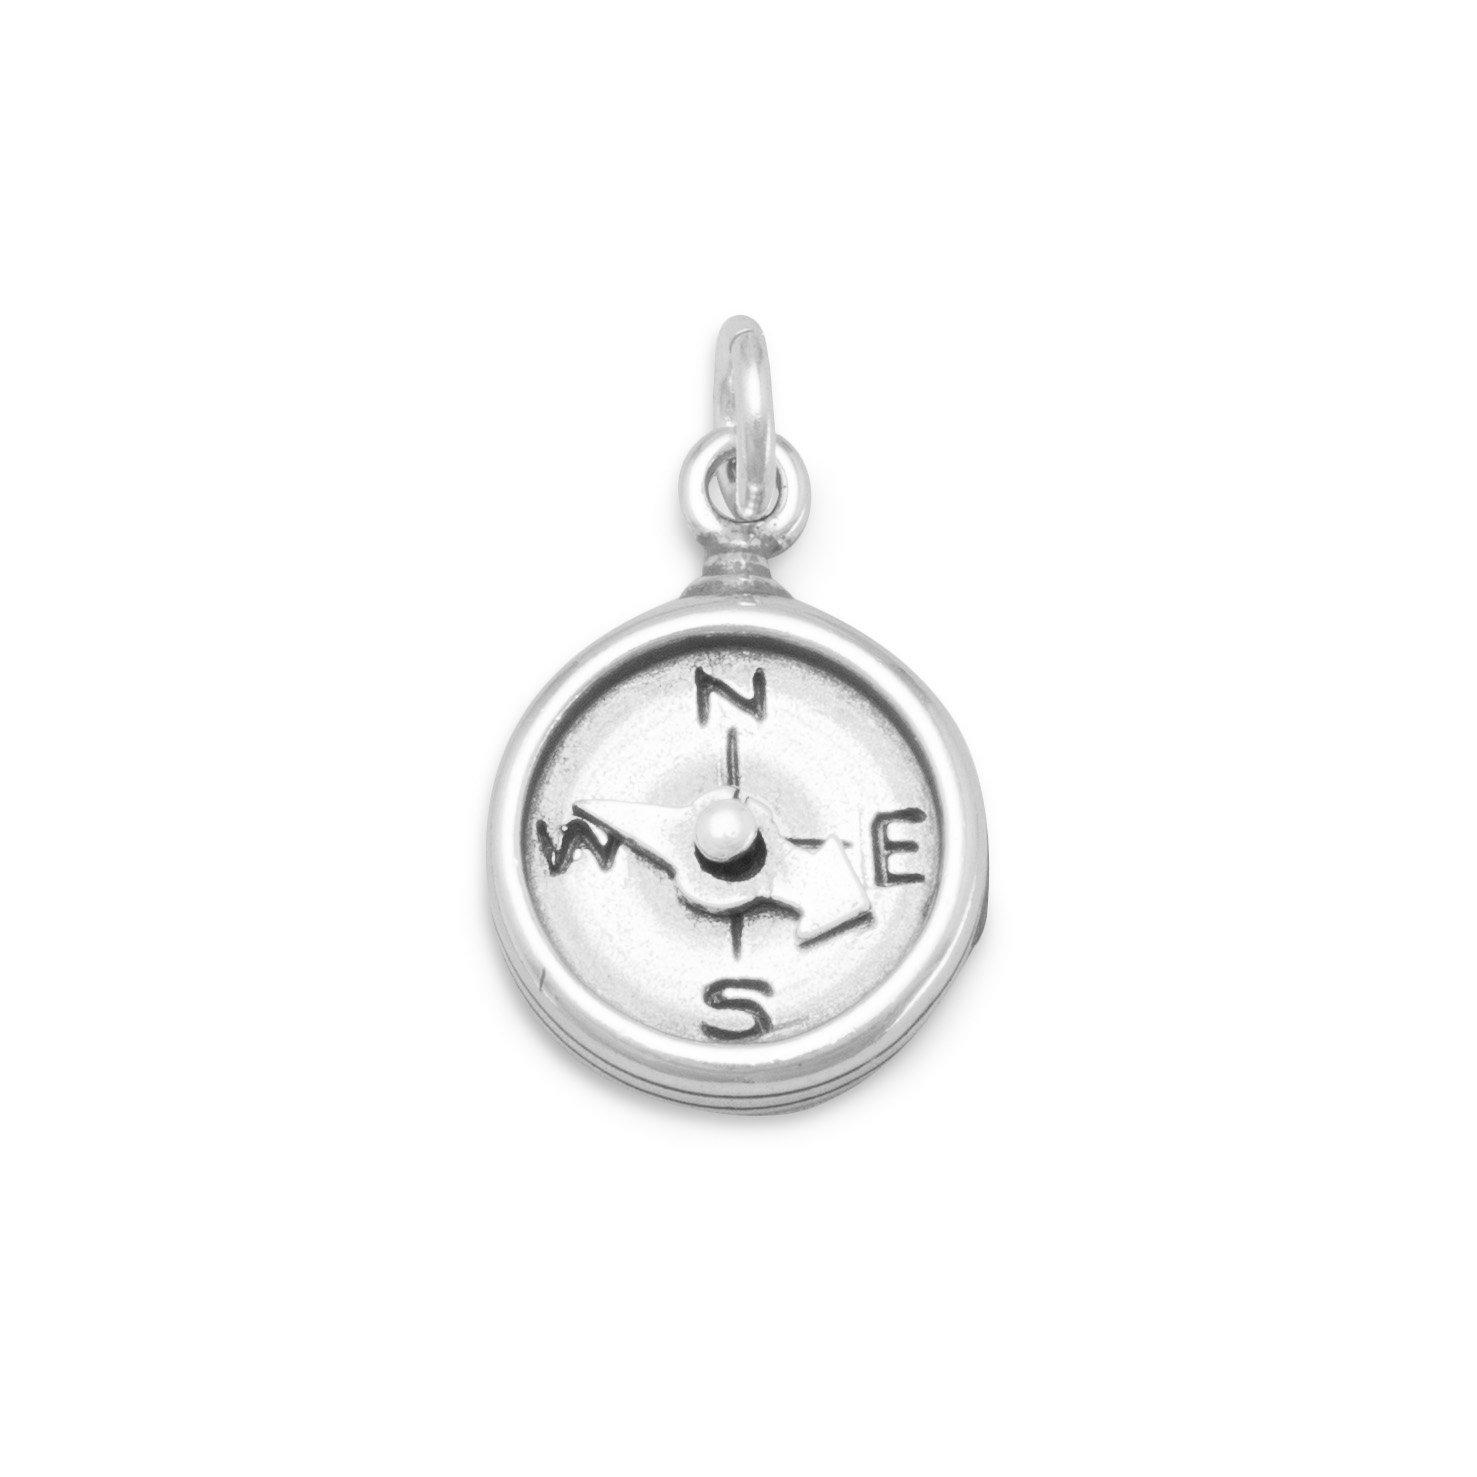 oxidiert Sterling Silber Kompass Charme Spinning Nadel Maßnahmen 12mm Charm hängt 19mm